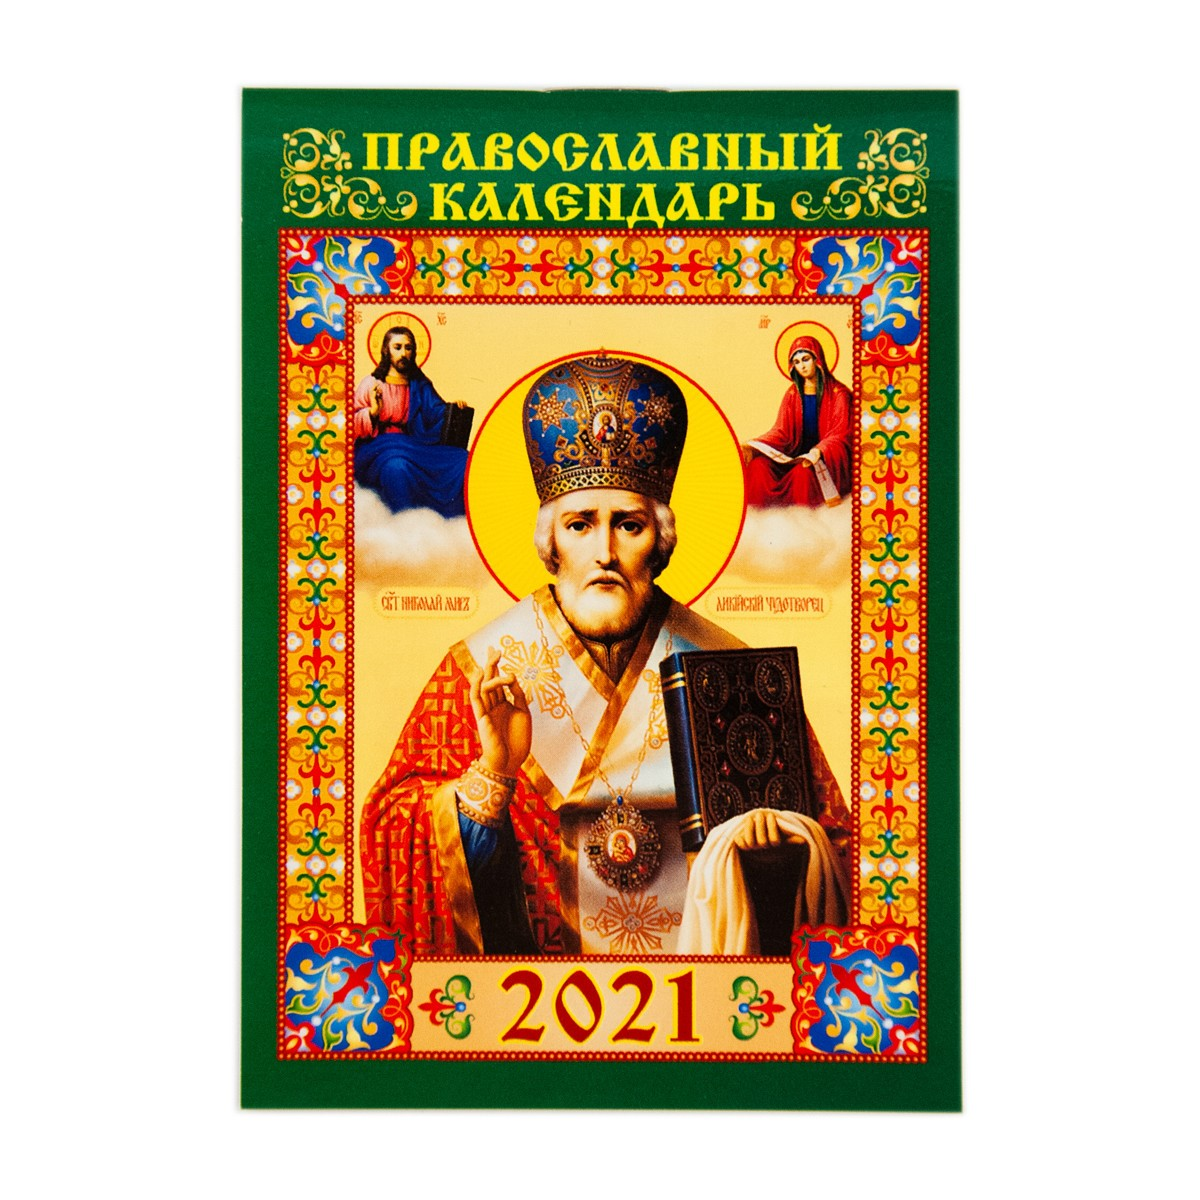 Печать карманных календарей 2021 в Москве | фото 6